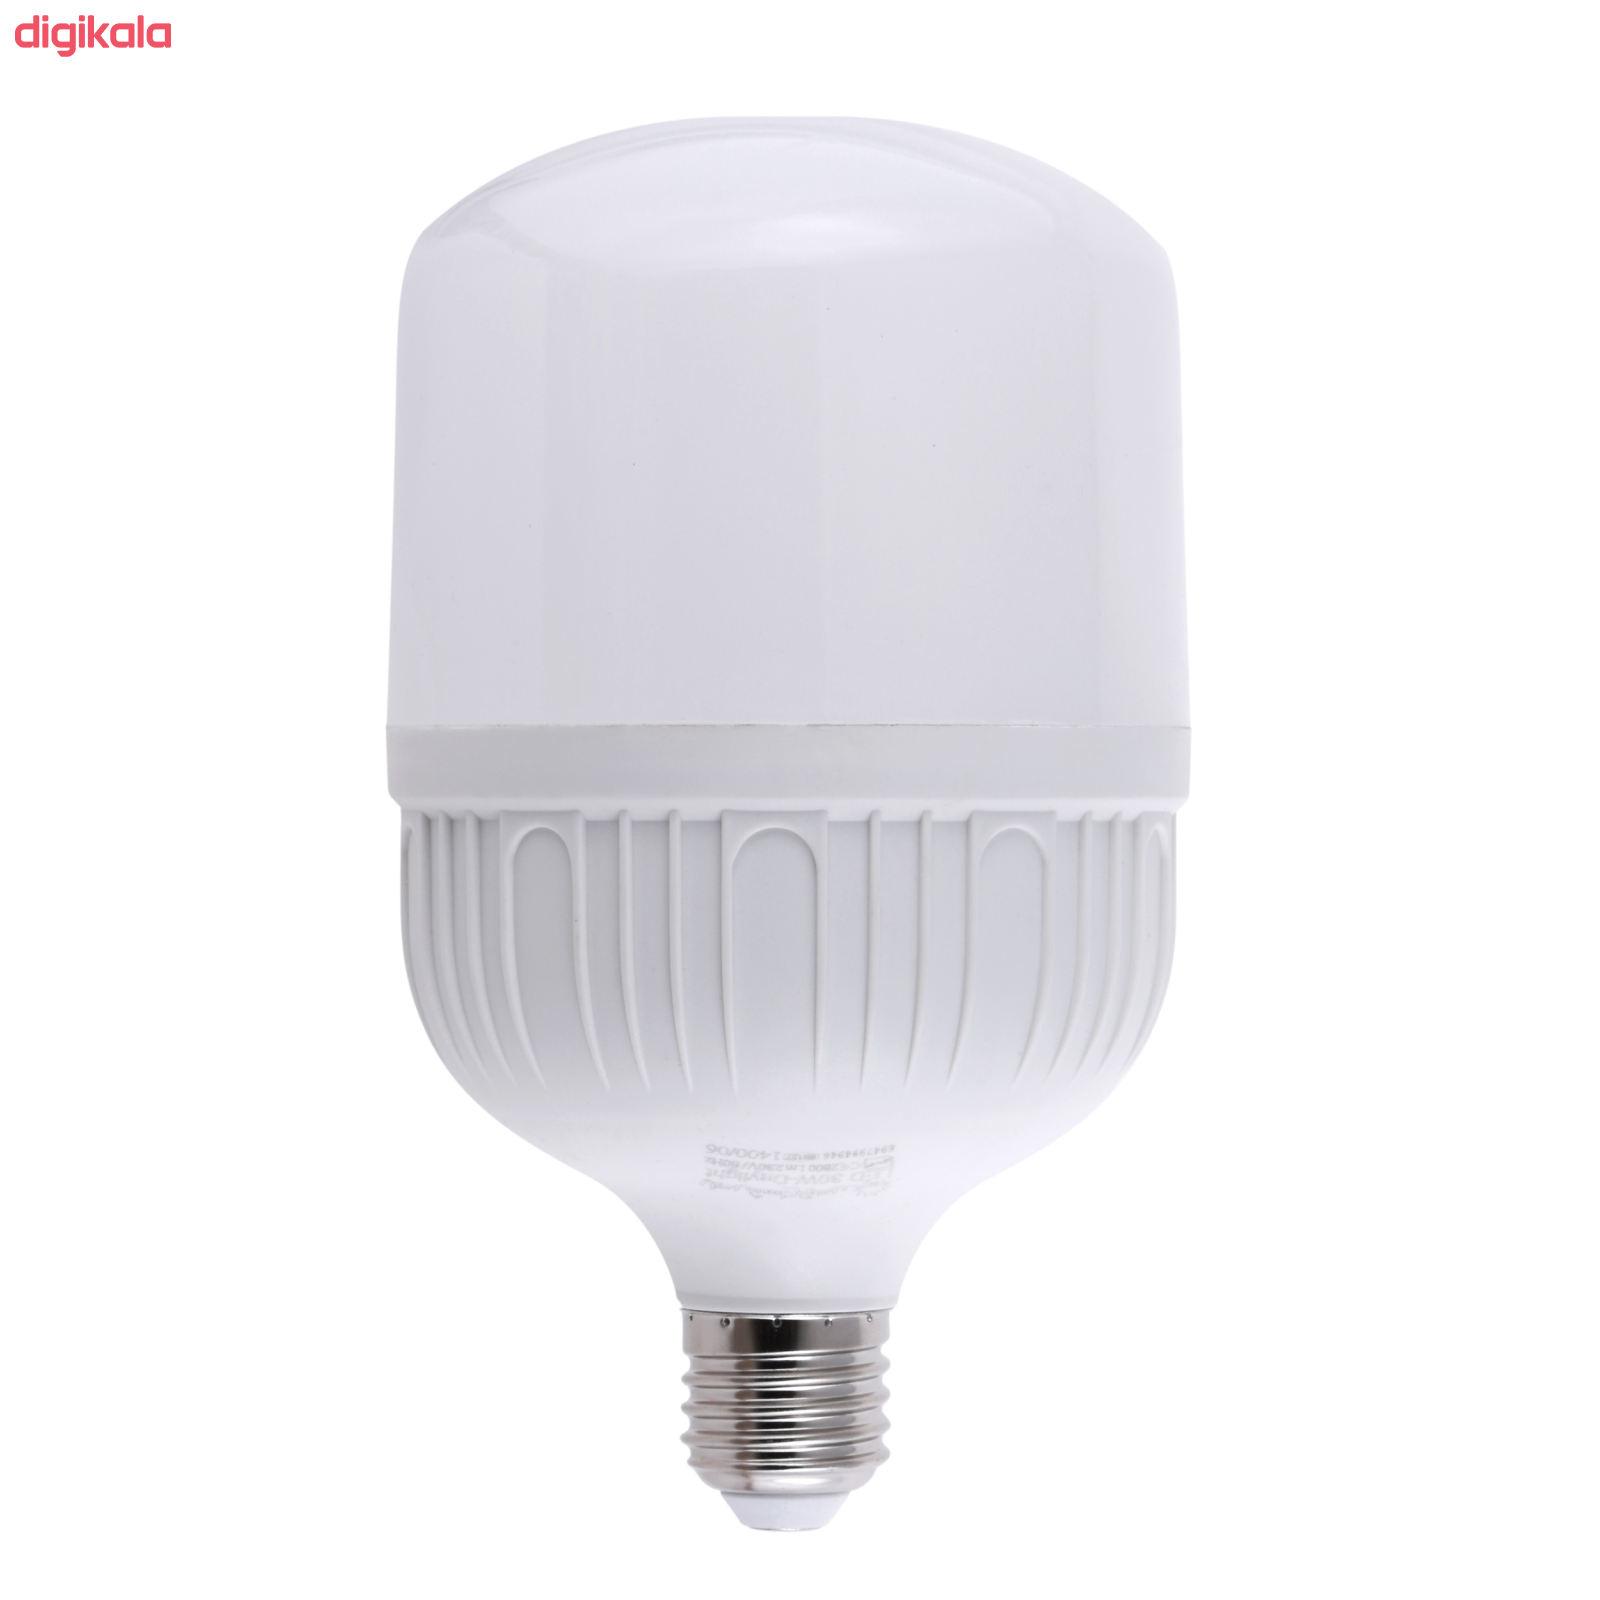 لامپ ال ای دی 30 وات پارس شعاع توس مدل CY30 پایه E27 main 1 2